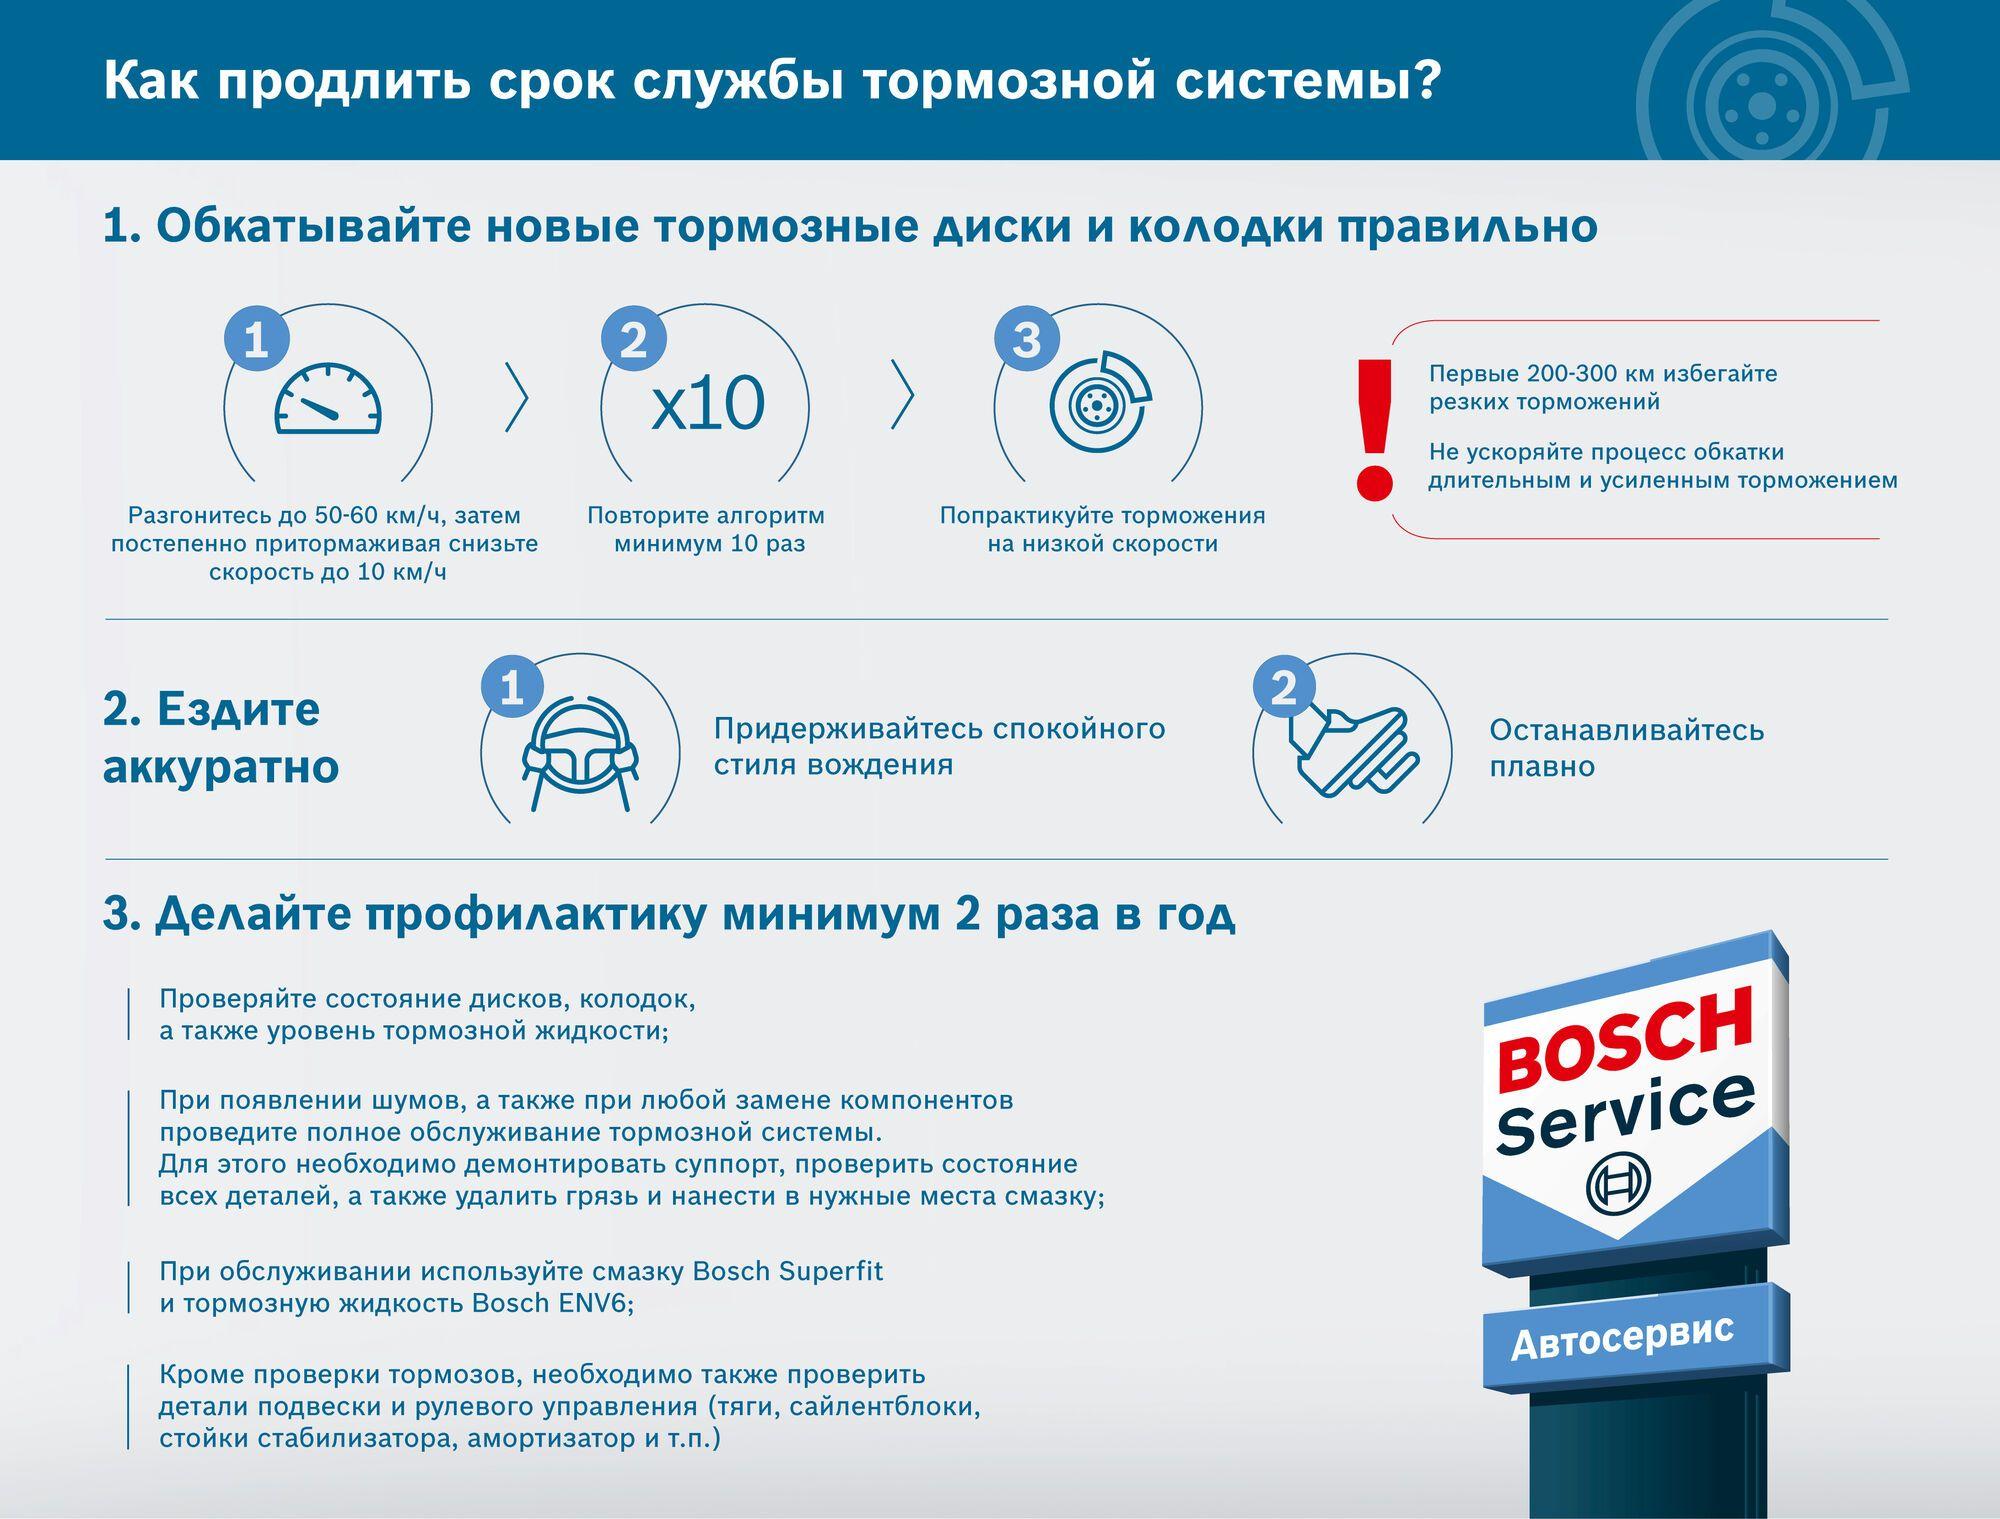 Как продлить срок службы тормозной системы: советы специалистов